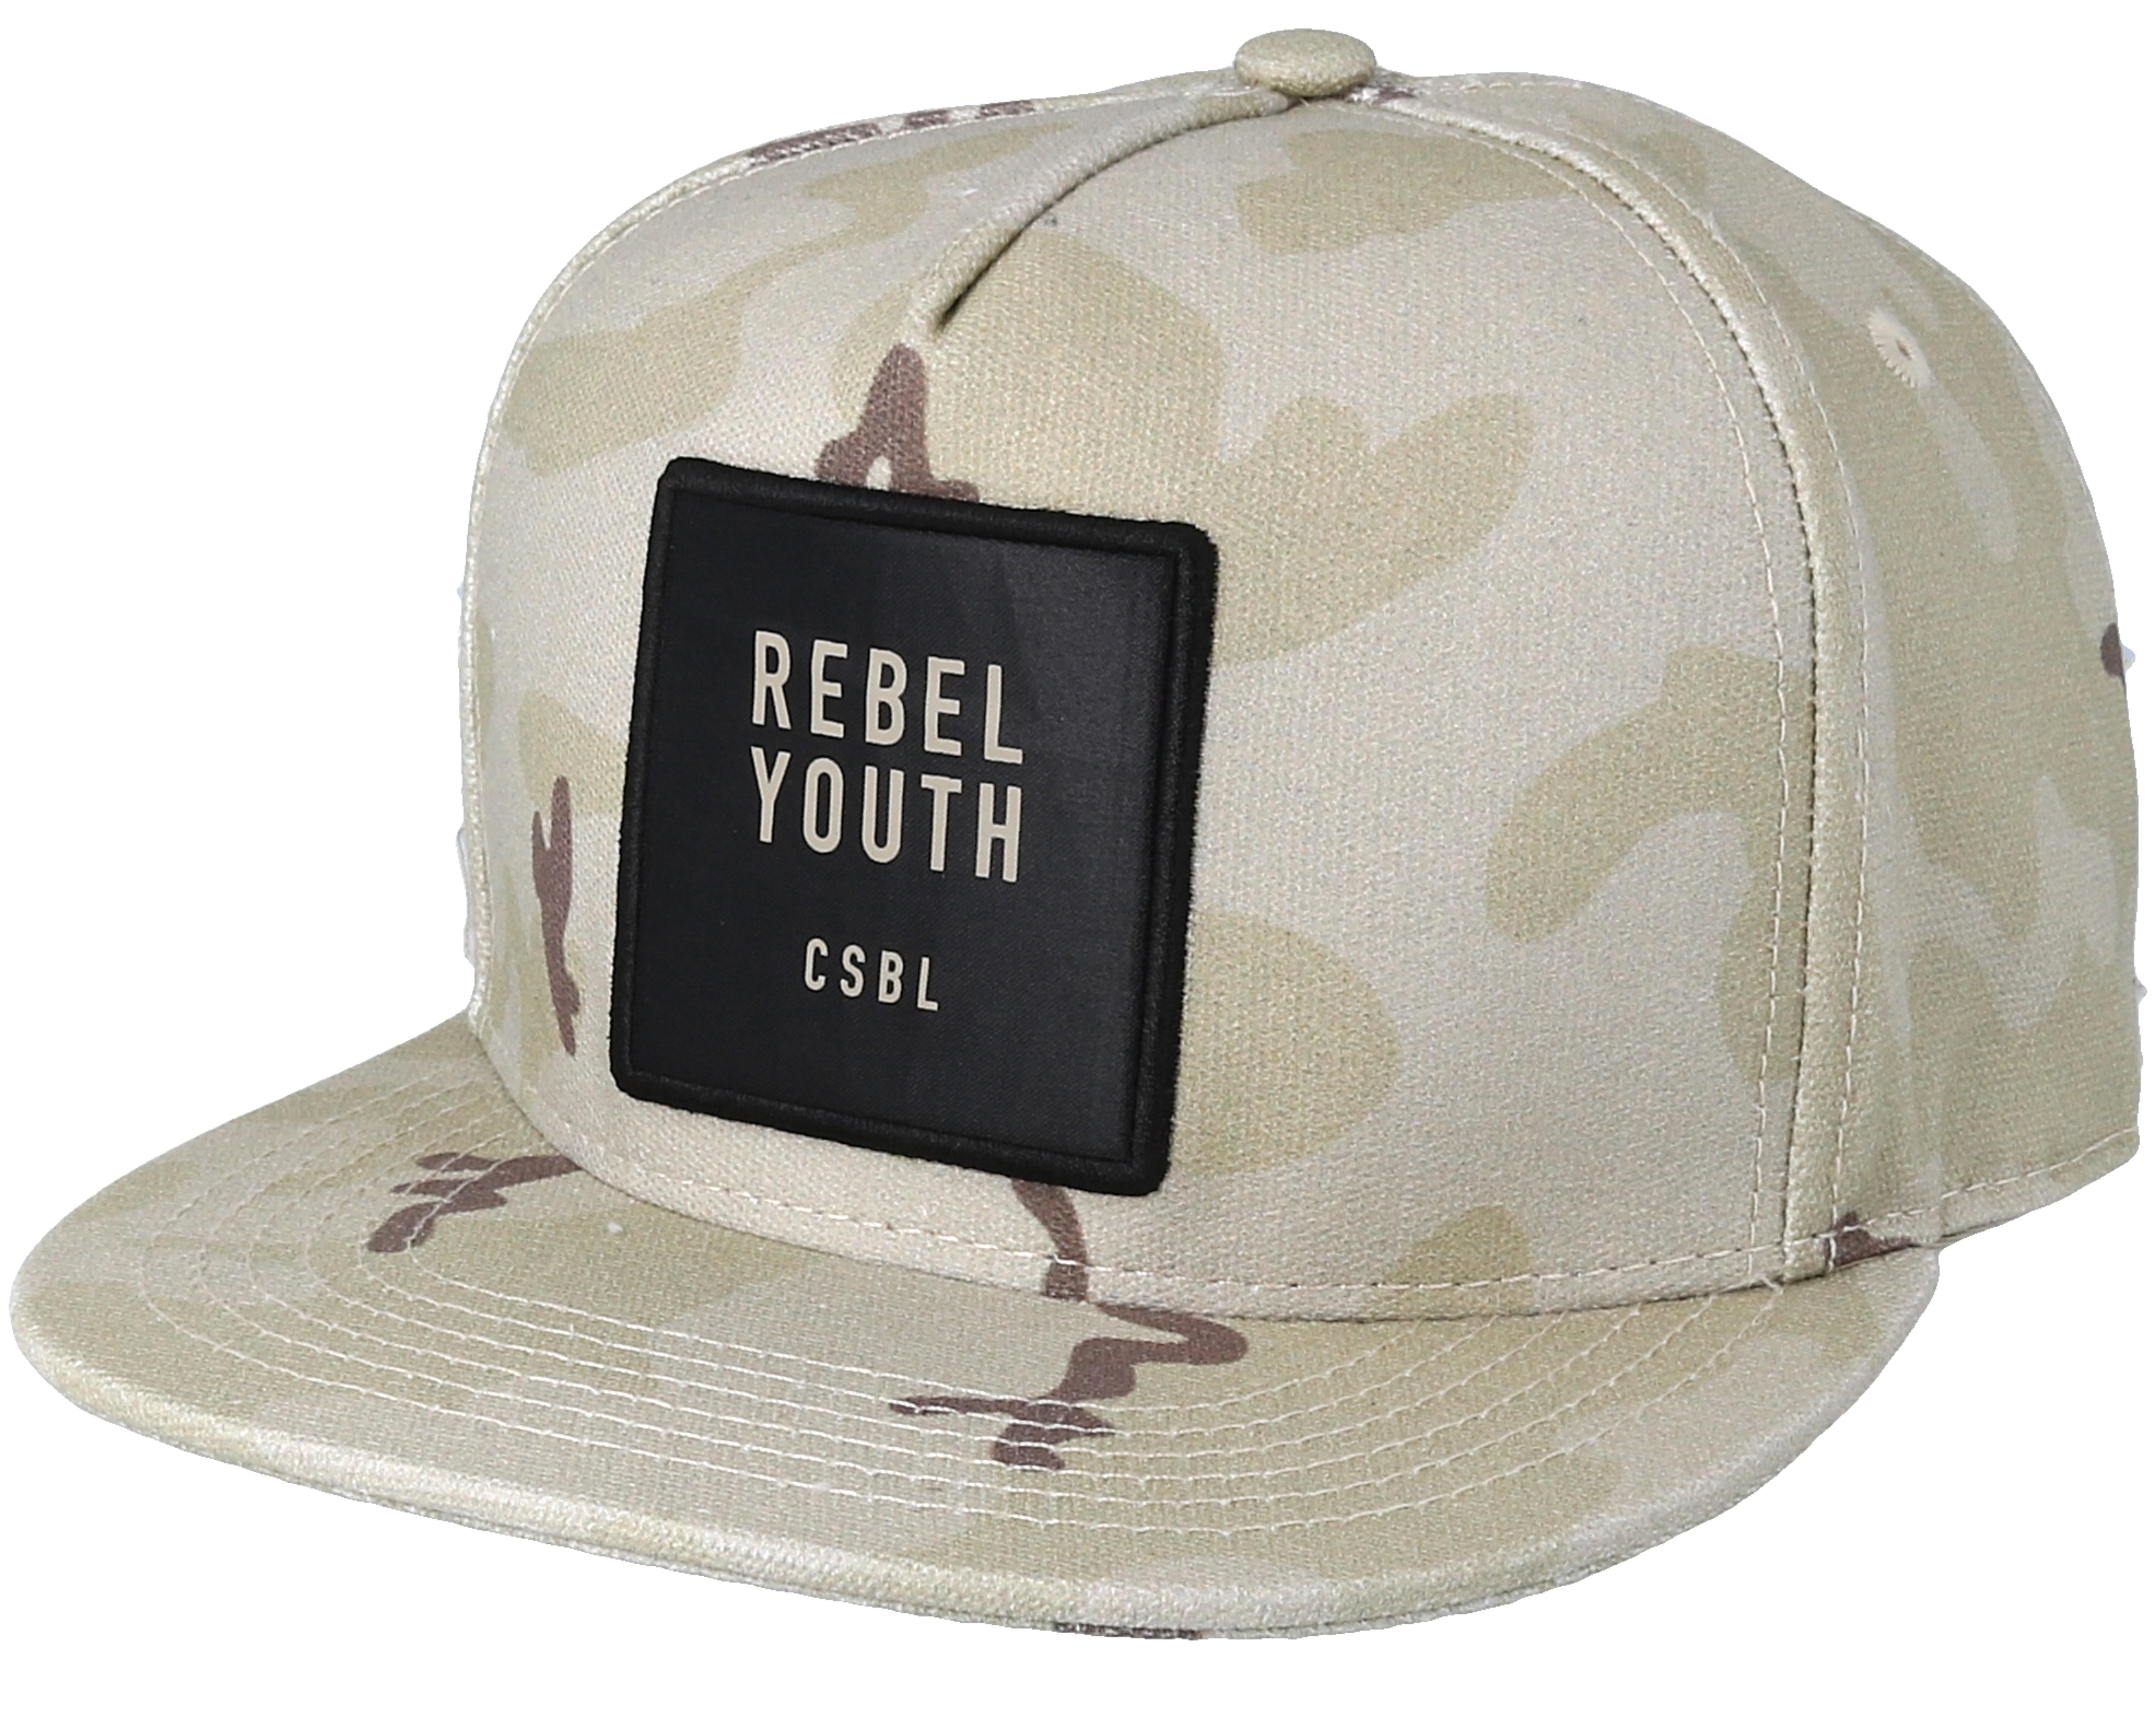 da2d7d8a9e8 Rebel Youth Desert Camo Snapback - Cayler   Sons caps